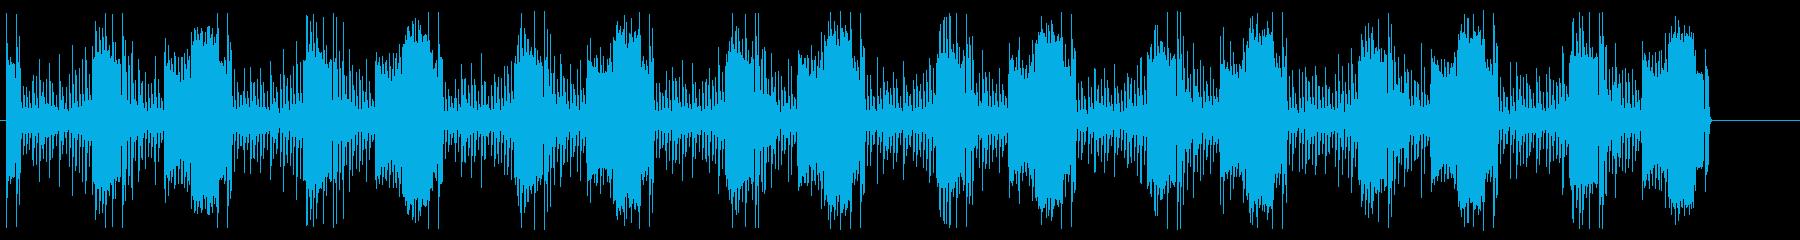 ドラムとベースとシンセ 緊迫ループBGMの再生済みの波形